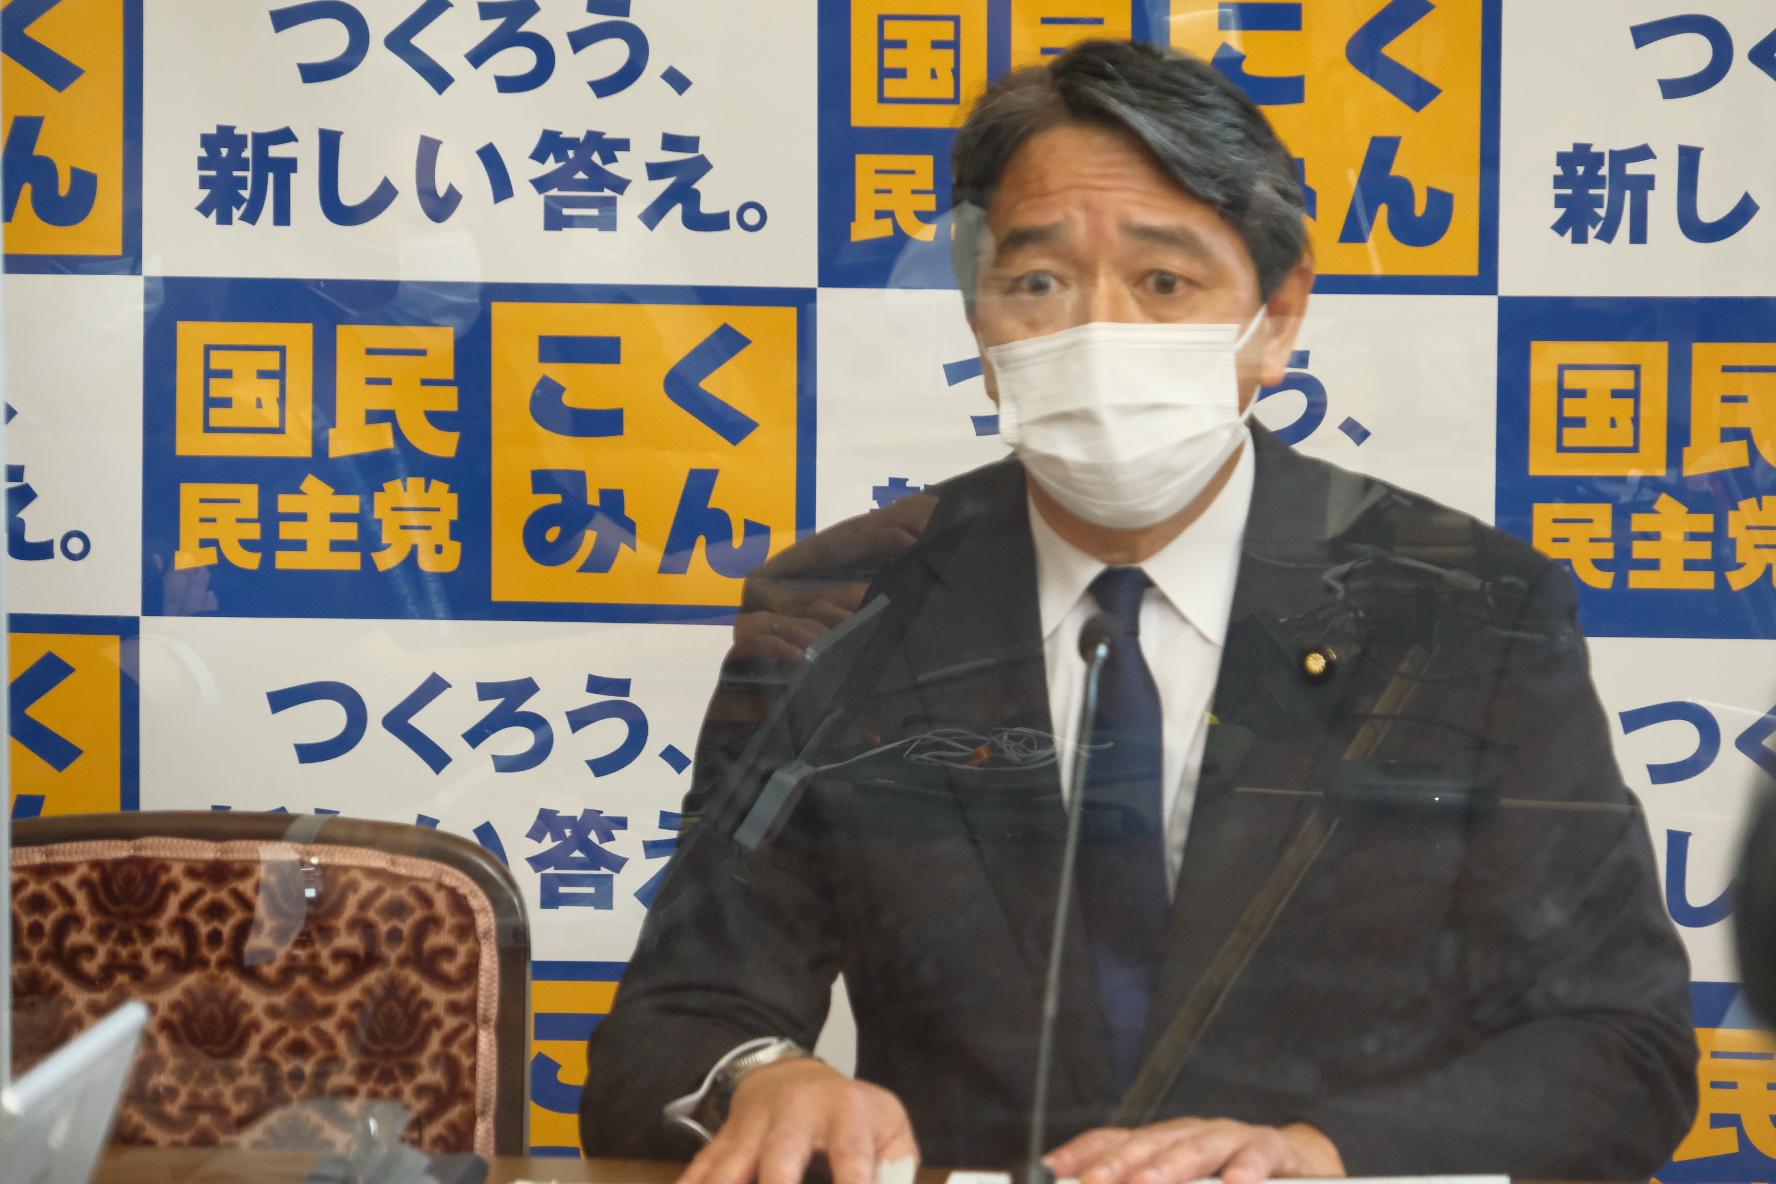 国民民主党 幹事長定例会見(2021年5月28日)